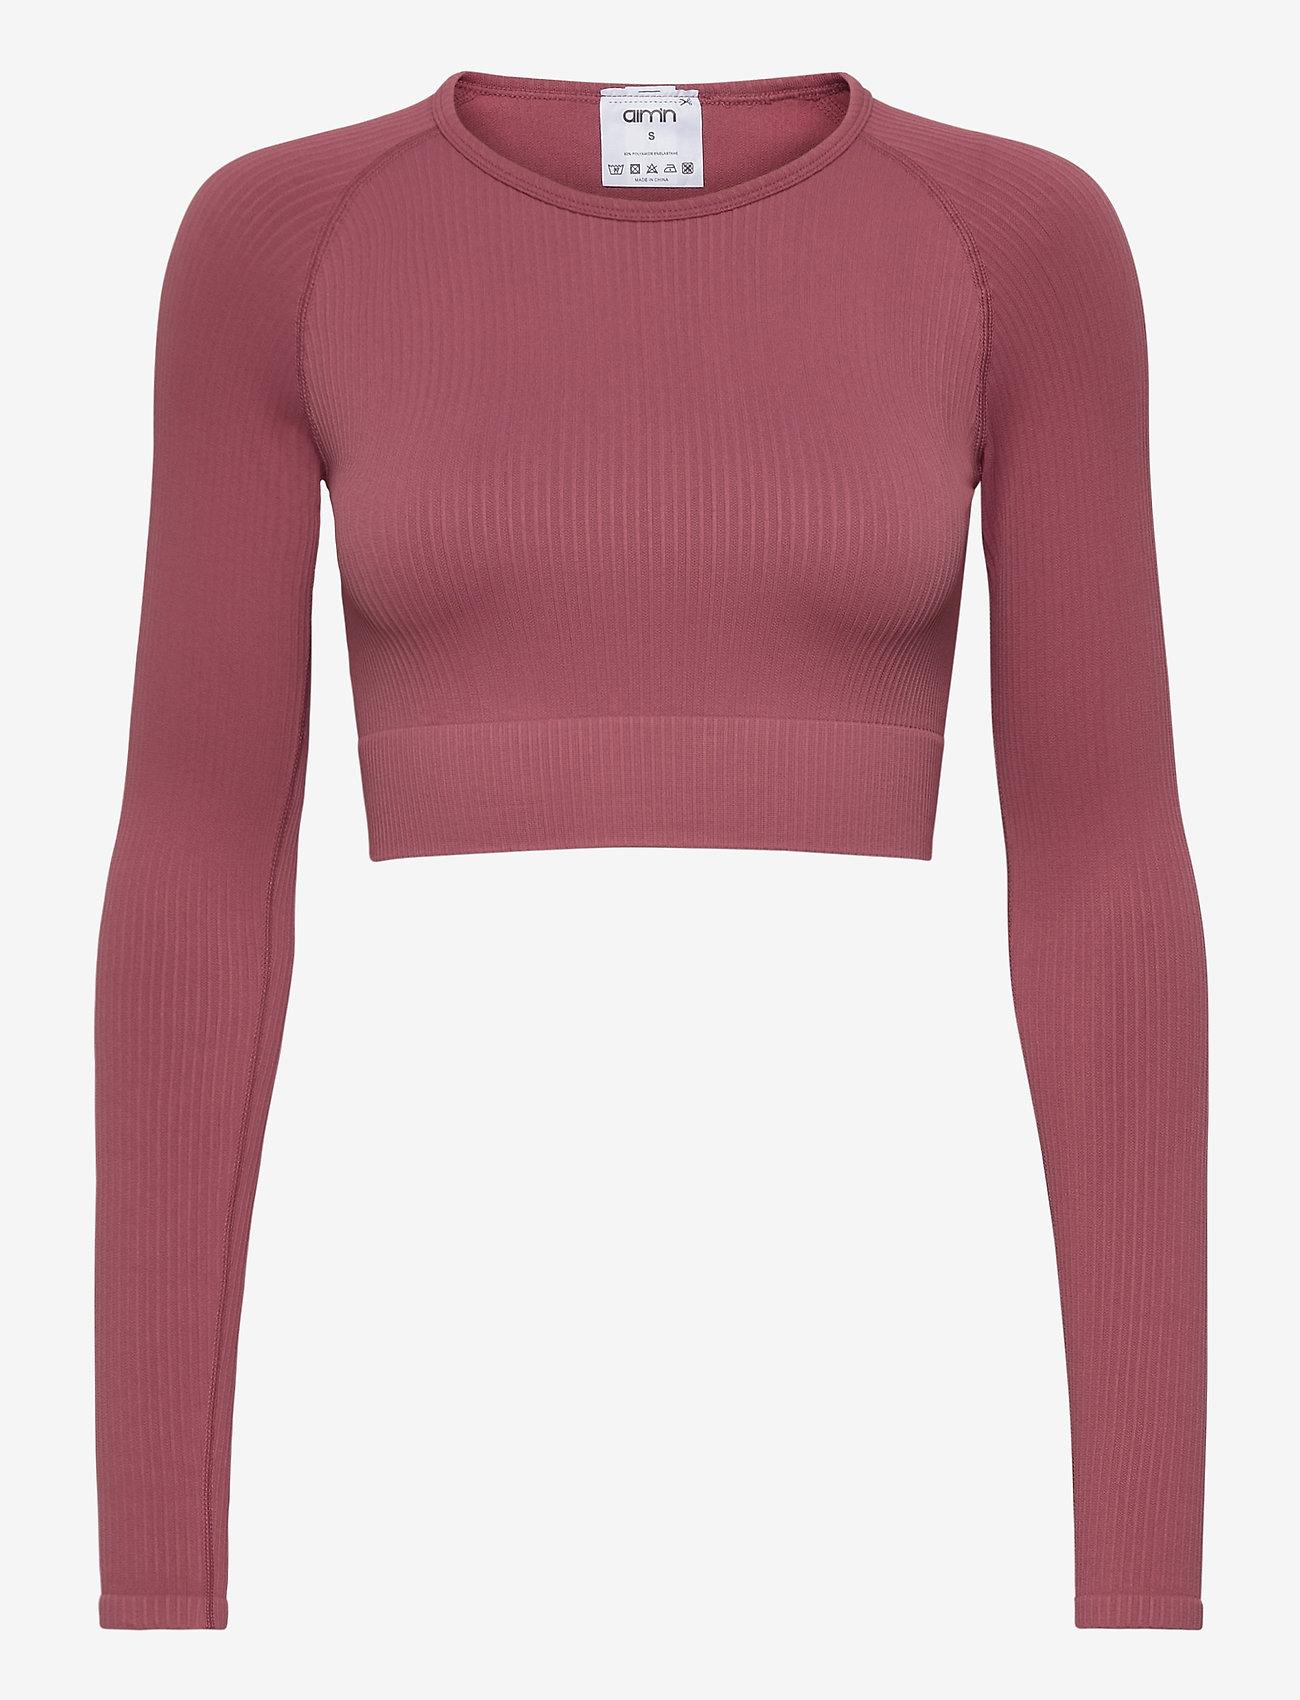 AIM'N - Pink Beat Ribbed Seamless Crop Long Sleeve - langærmede toppe - pink - 1